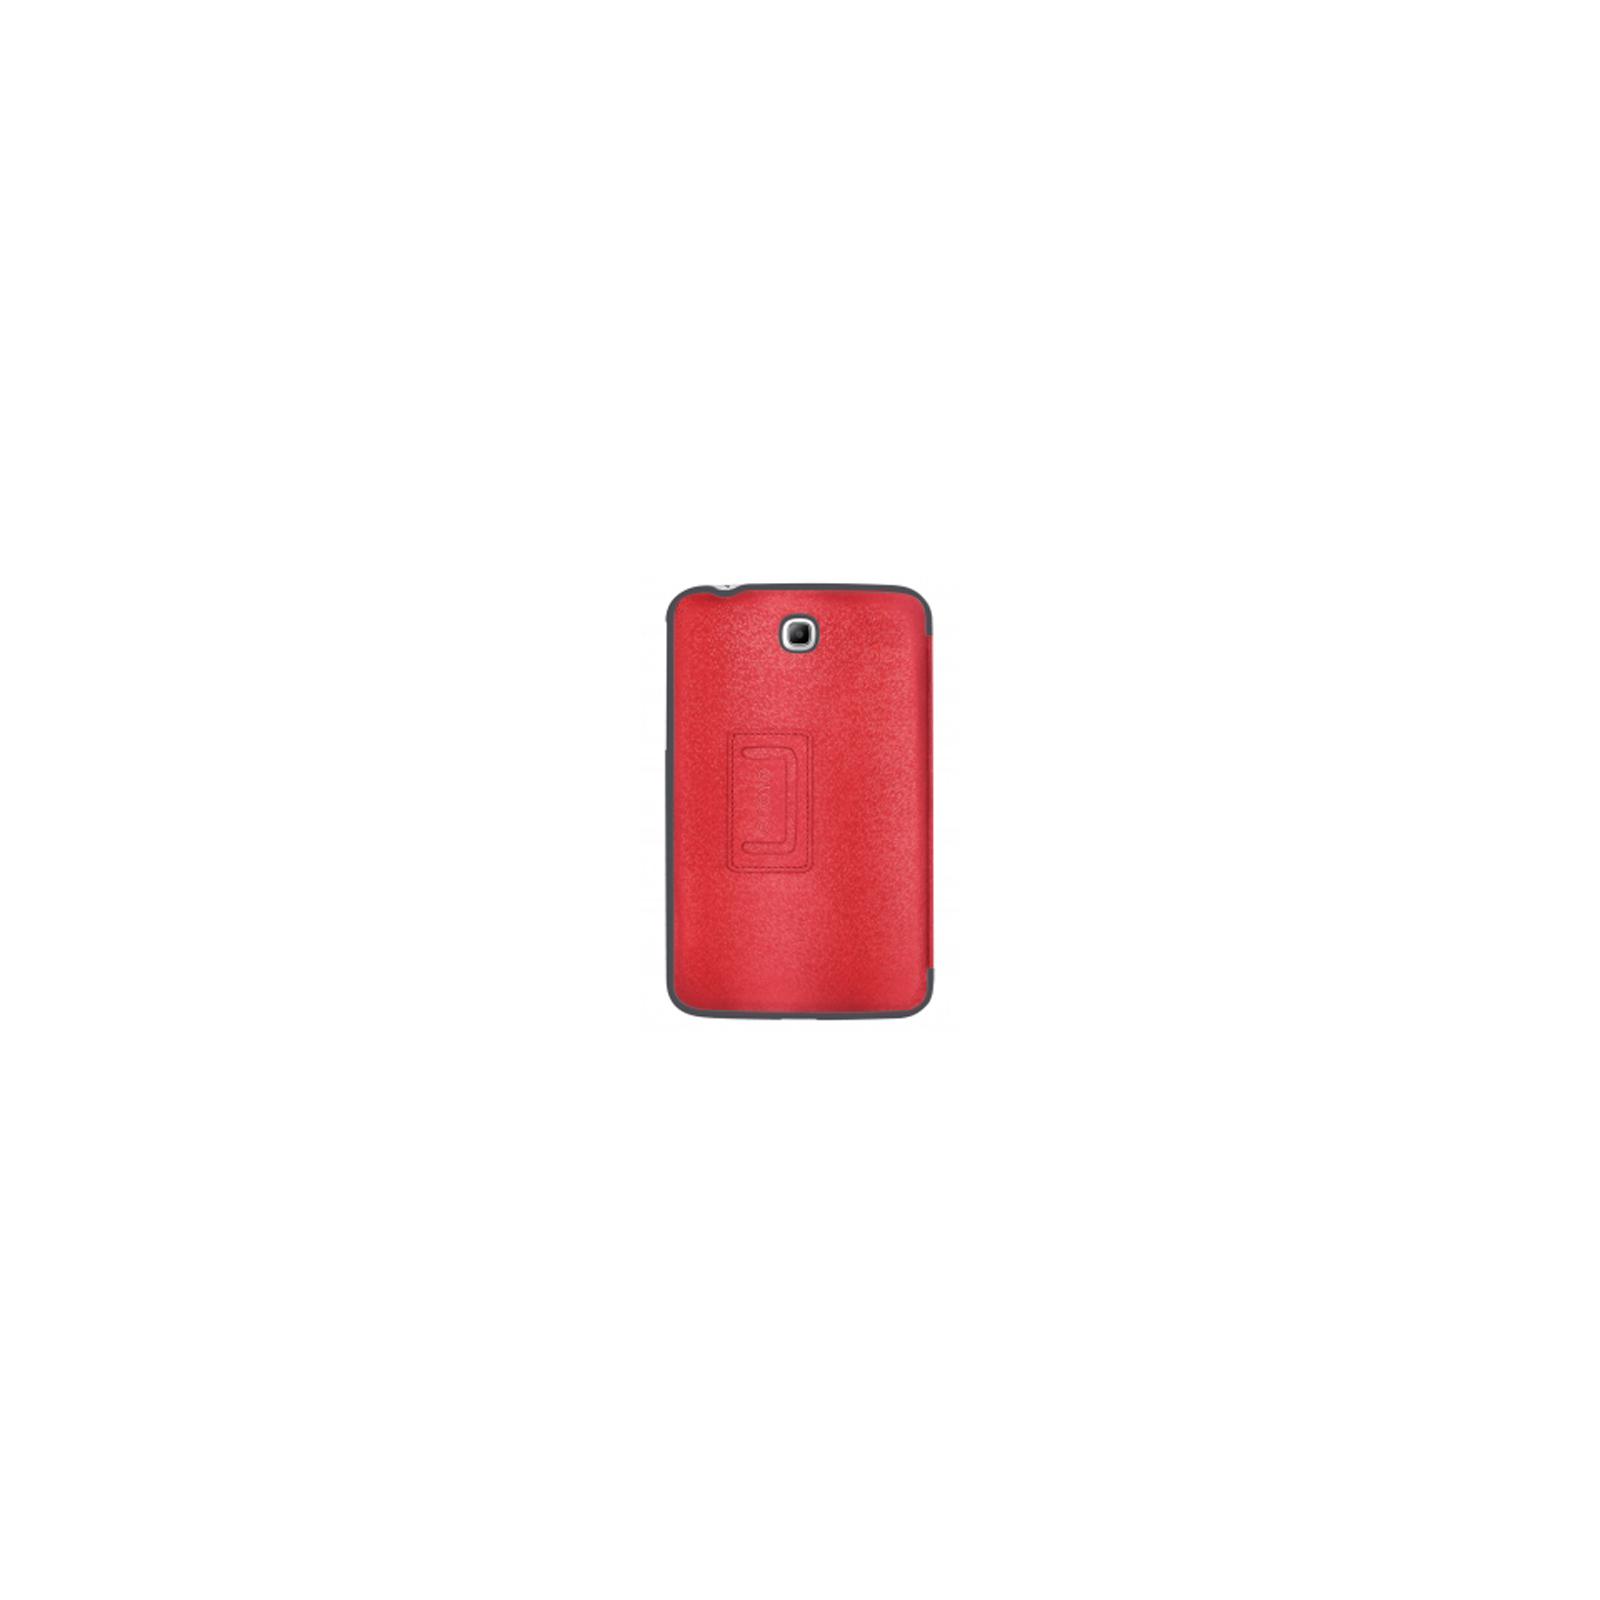 Чехол для планшета ODOYO Galaxy TabTAB3 7.0 /GLITZ COAT FOLIO BLAZING RED (PH621RD) изображение 2